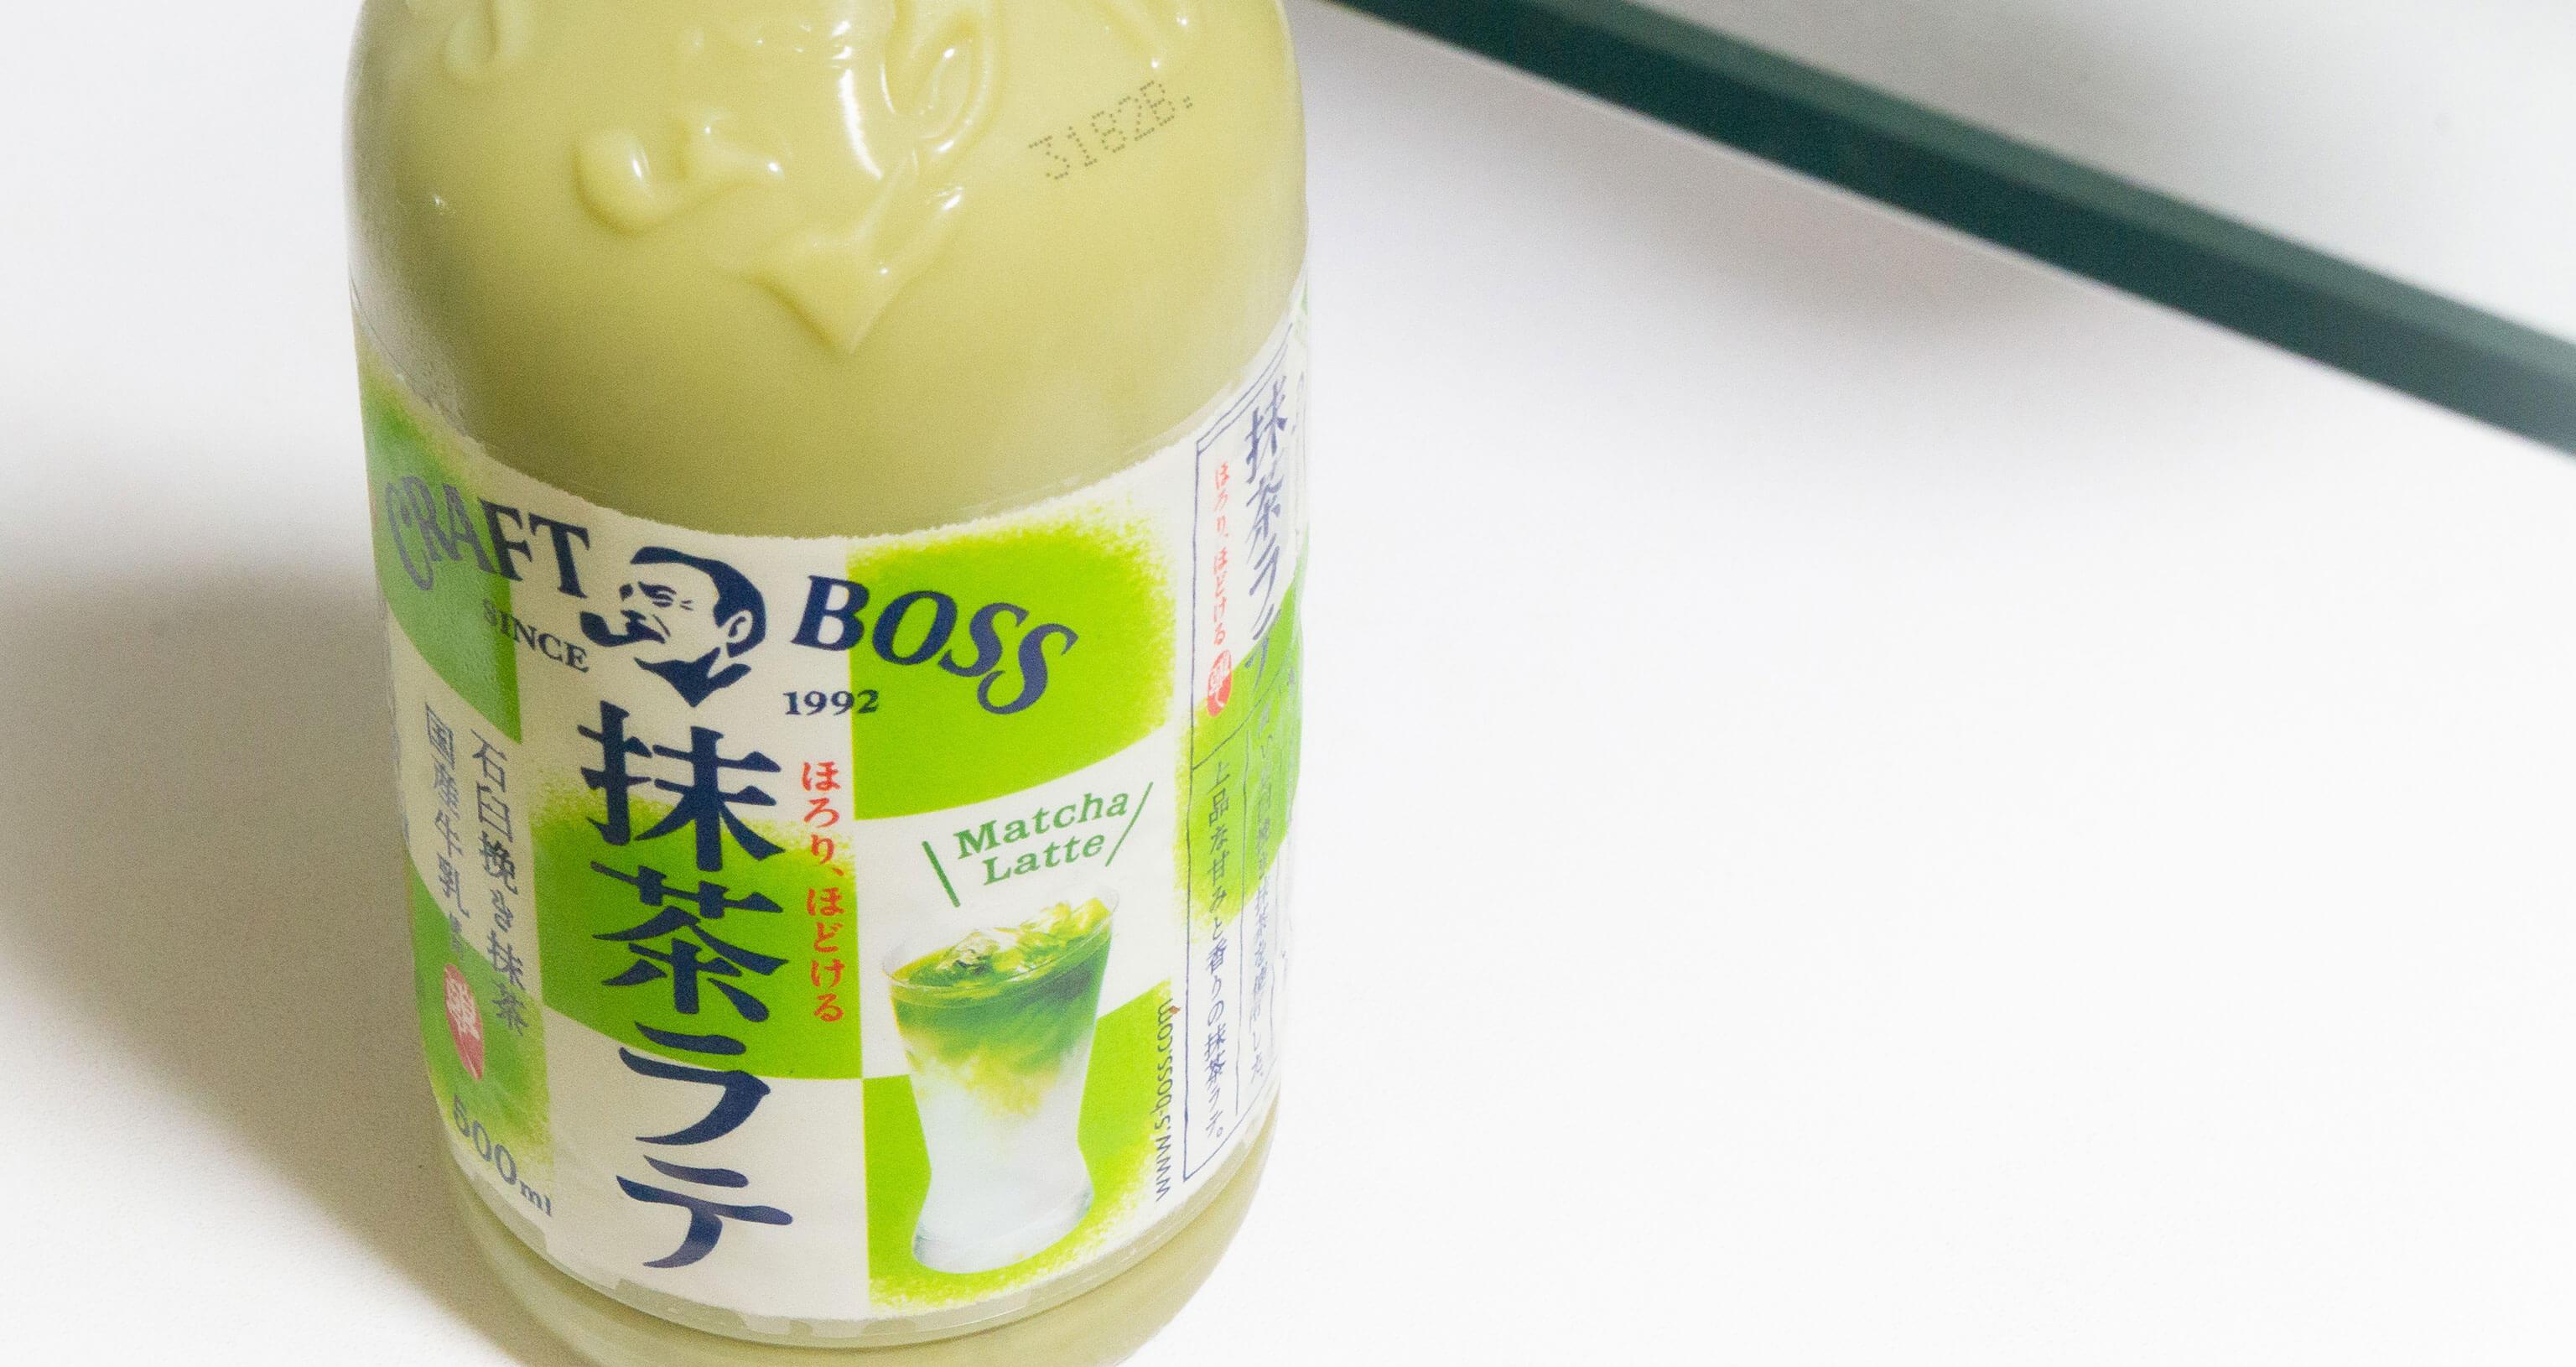 コクのあるミルクなのにゴクゴク飲める、クラフトボス「抹茶ラテ」実飲レビュー